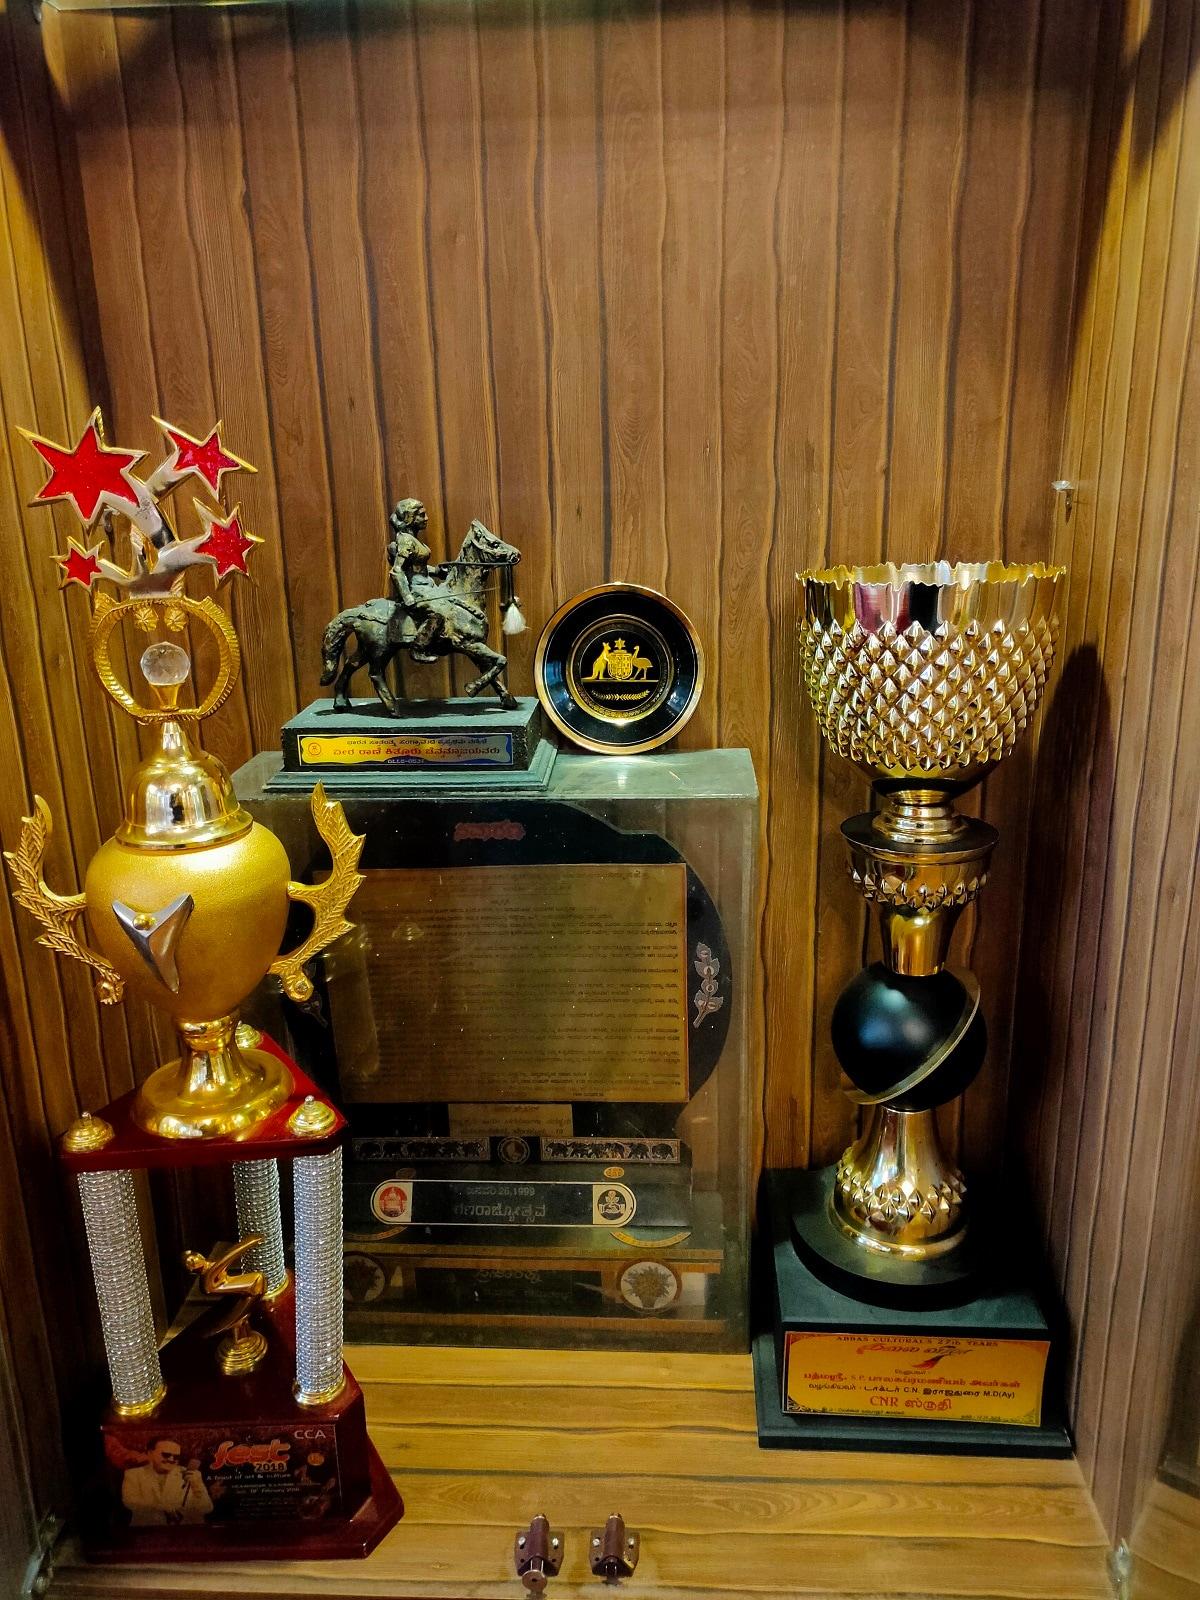 மறைந்த பாடகர் எஸ்.பி.பி. பெற்ற விருதுகள்